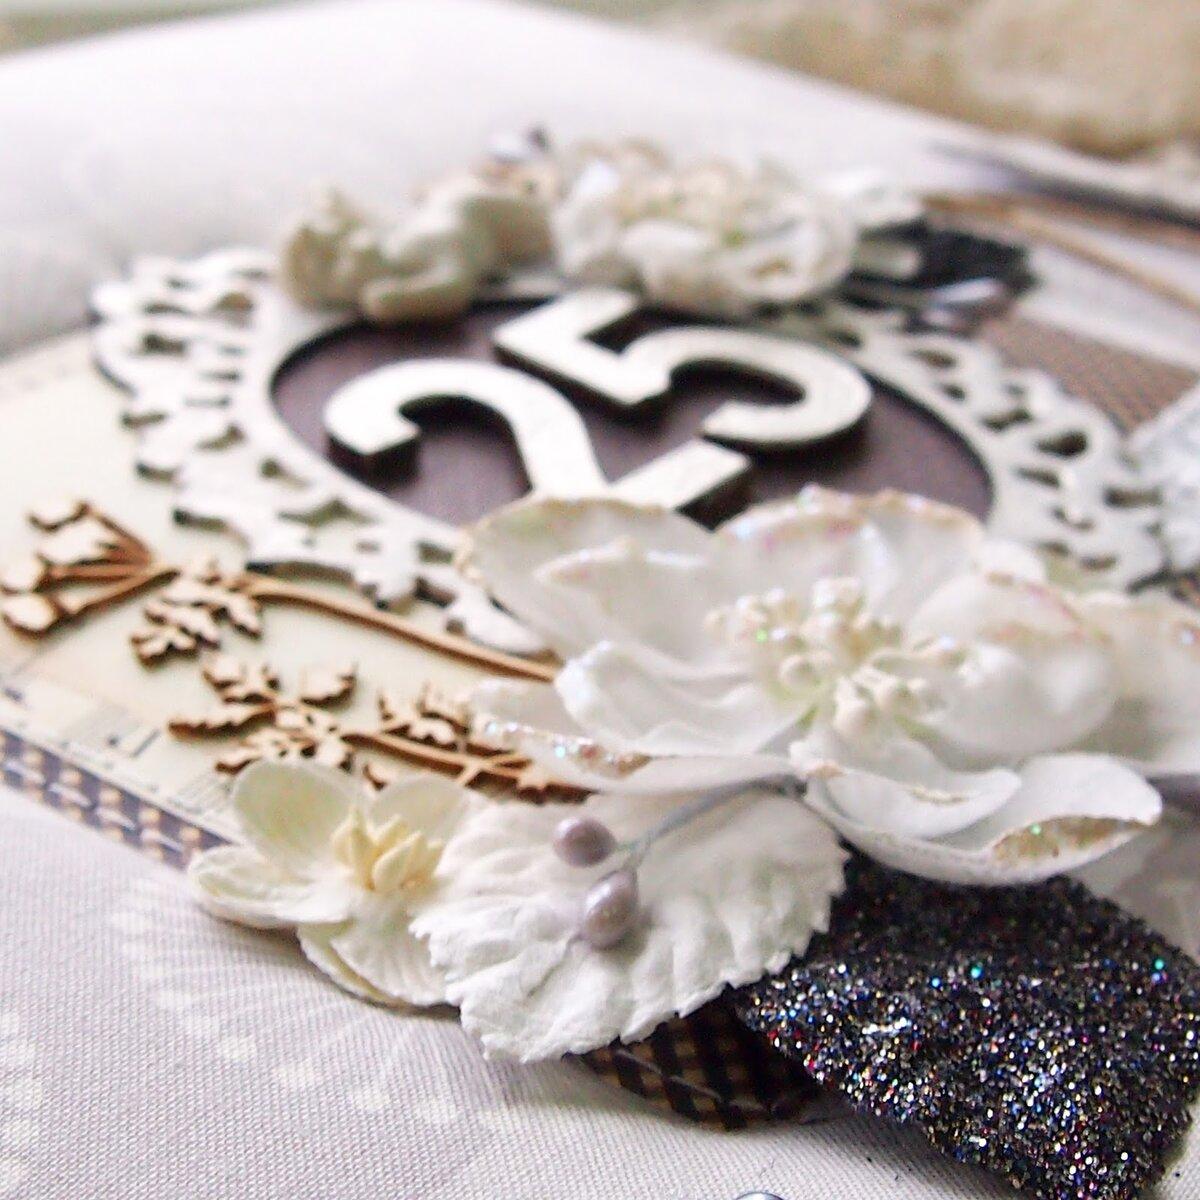 серебряная свадьба поздравления классиков общем, чем